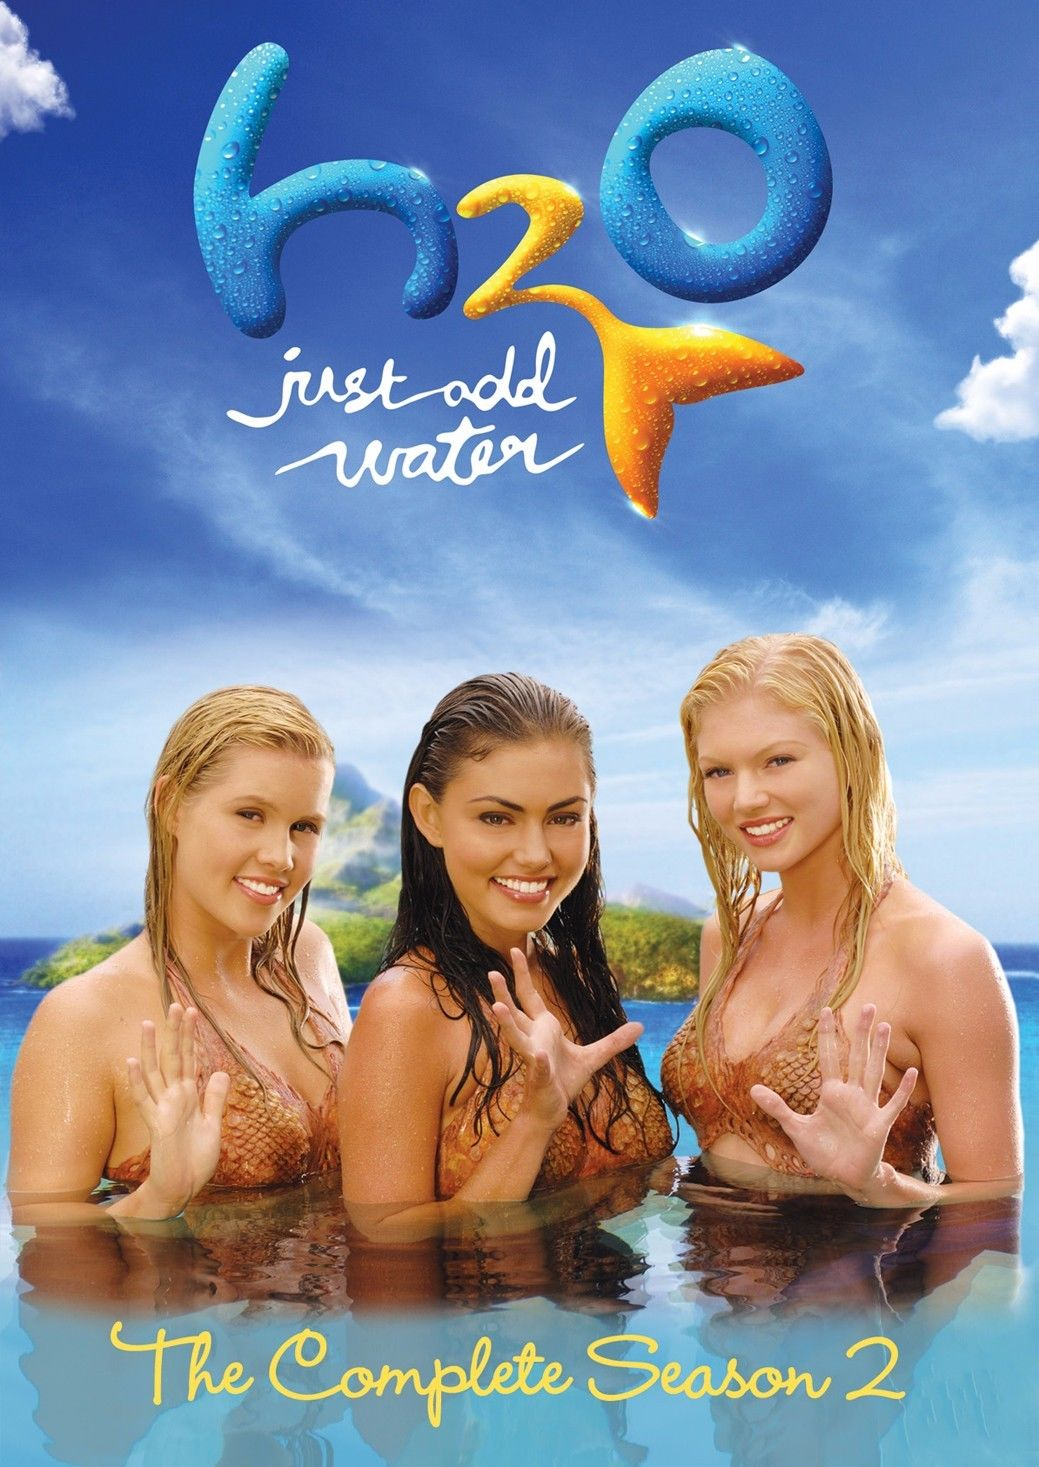 аш2о просто добавь воды смотреть 5 сезон